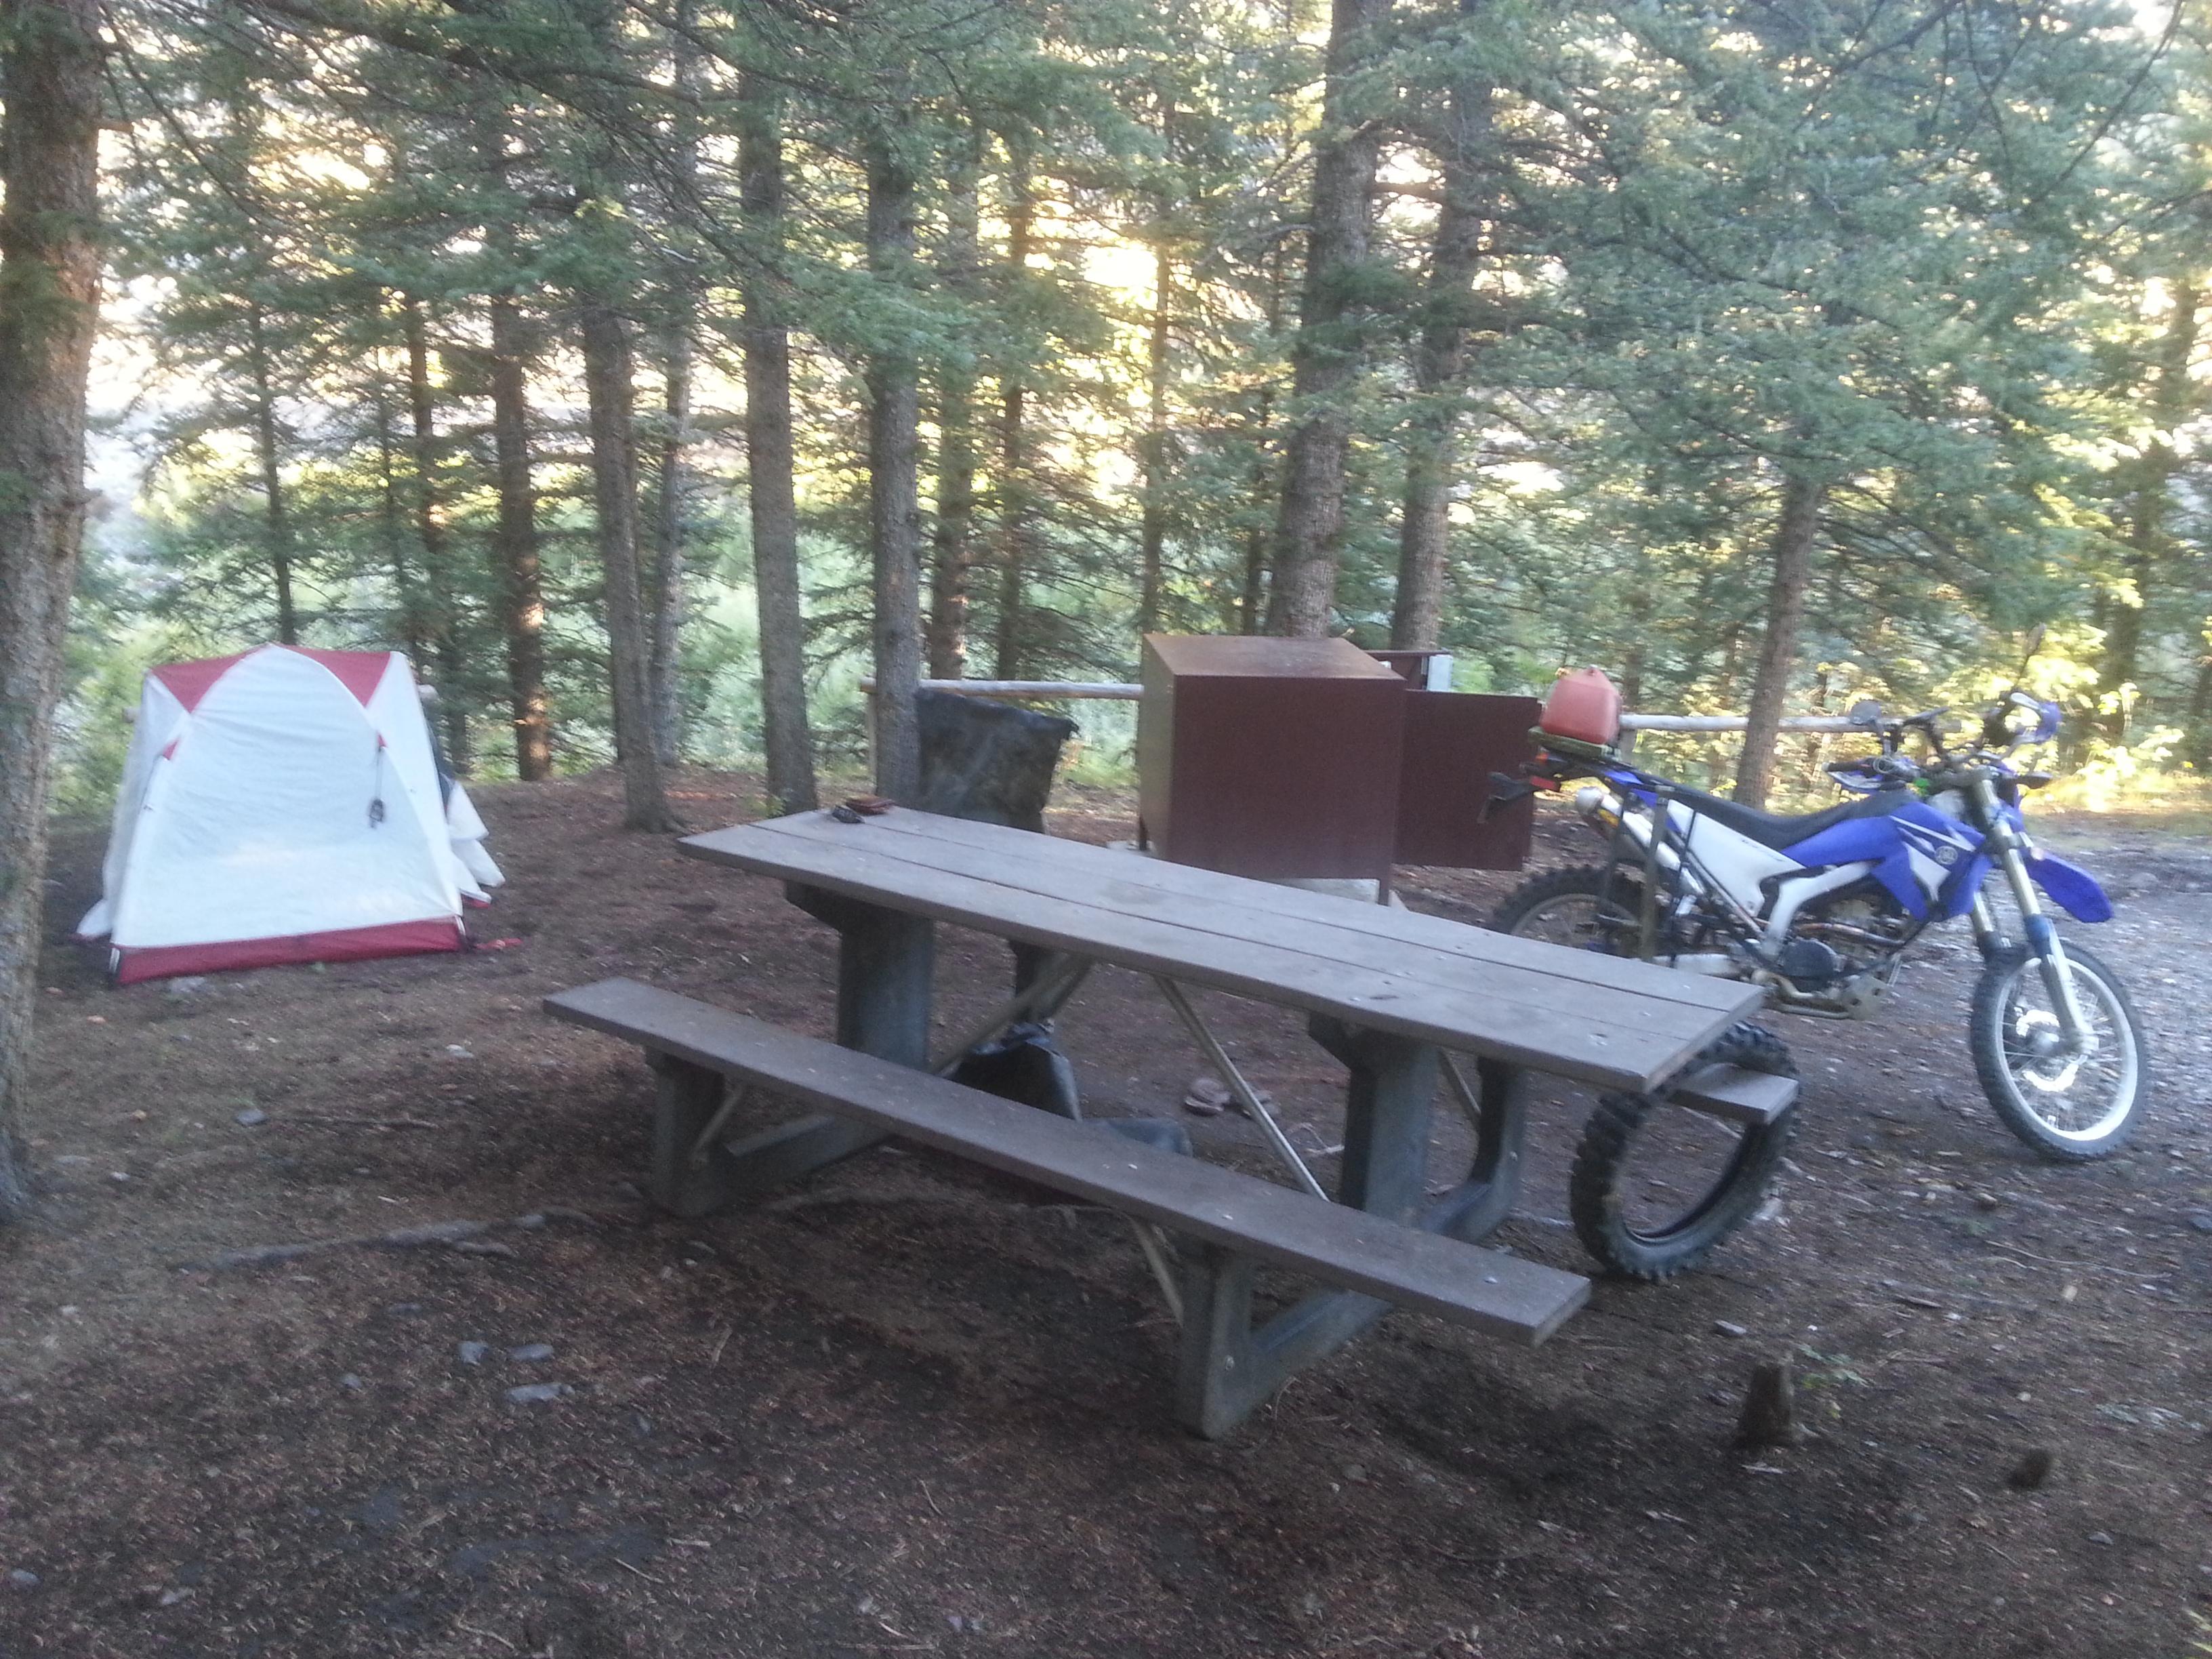 My camping spot at Mill Creek